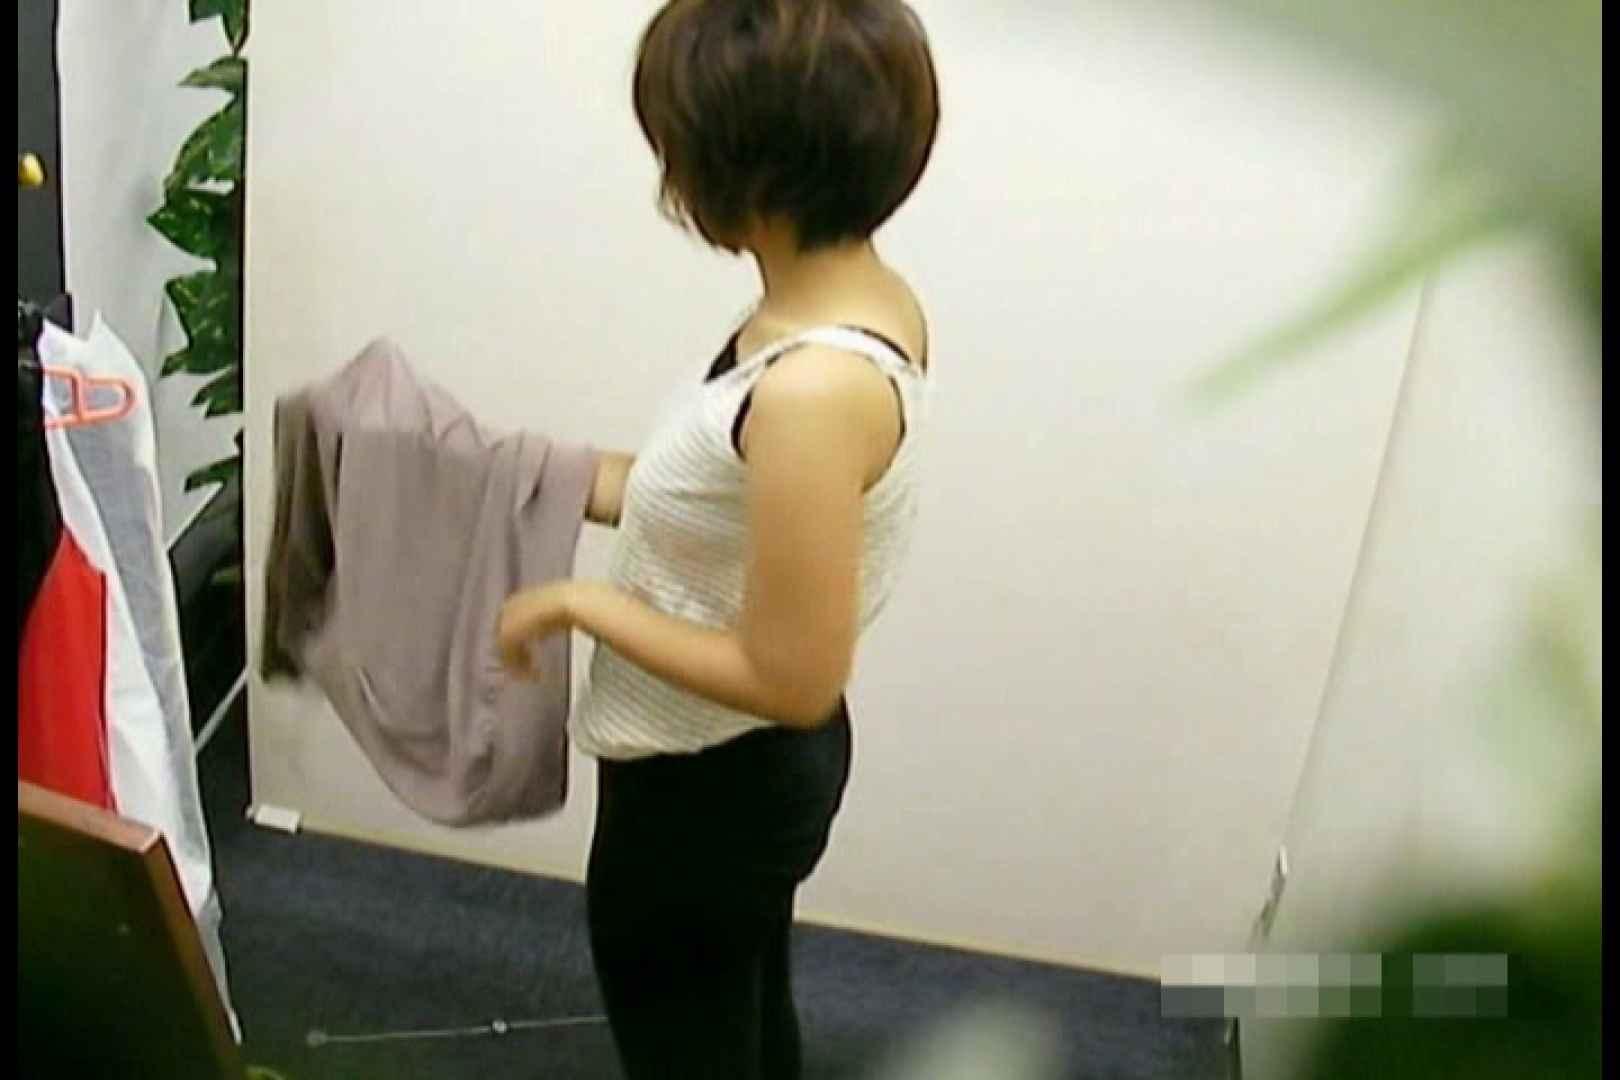 素人撮影 下着だけの撮影のはずが・・・エミちゃん18歳 オマンコ  29連発 28